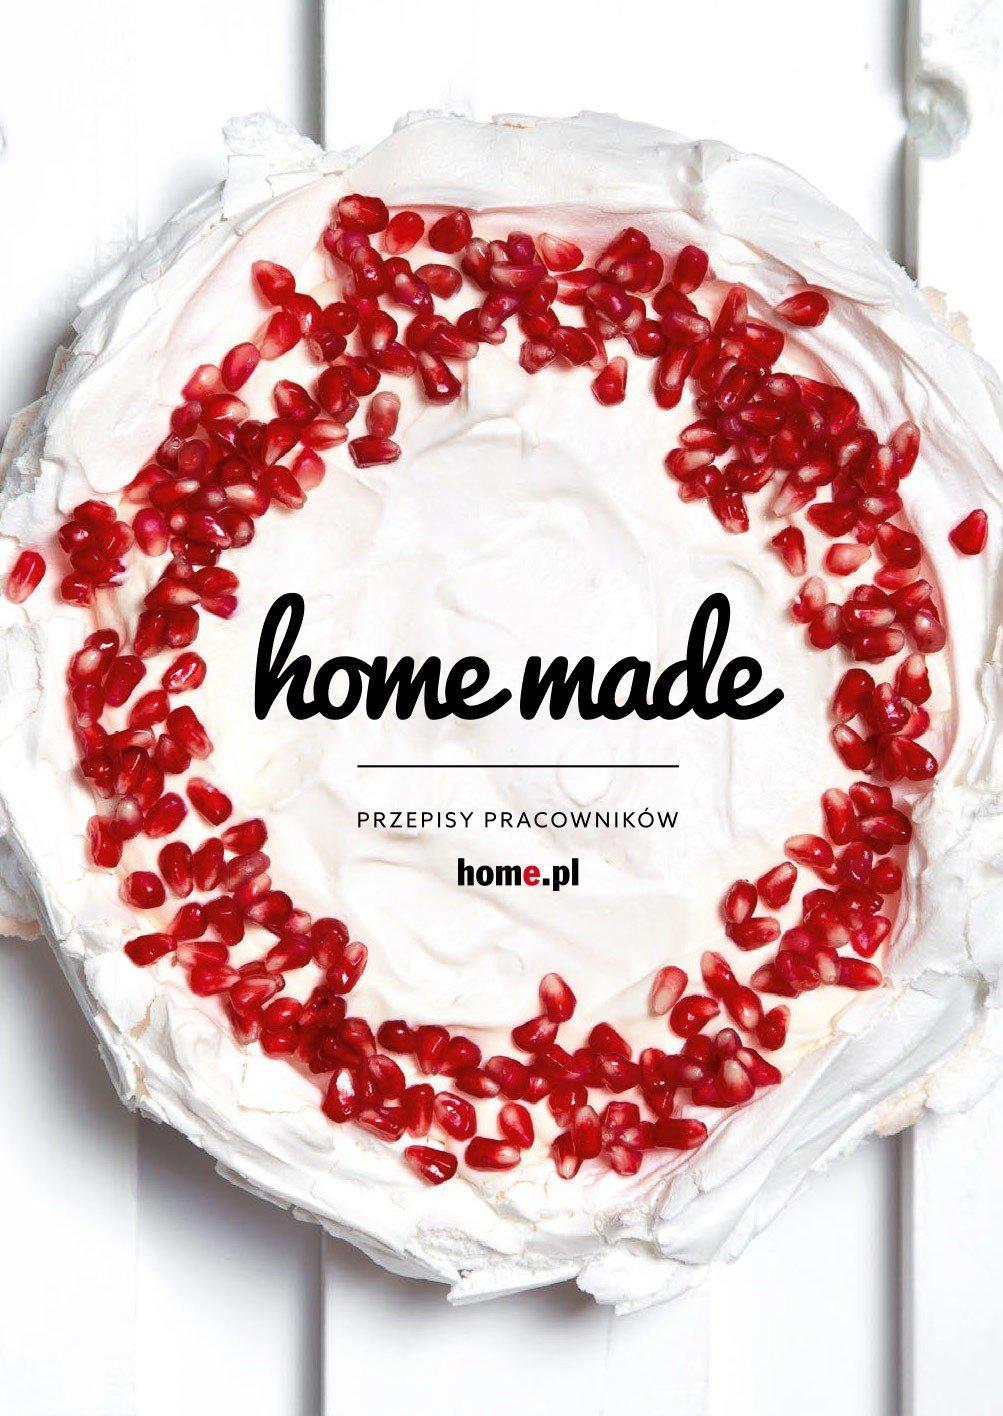 IT od kuchni. home.pl pokazuje kulinarne dokonania swoich pracowników